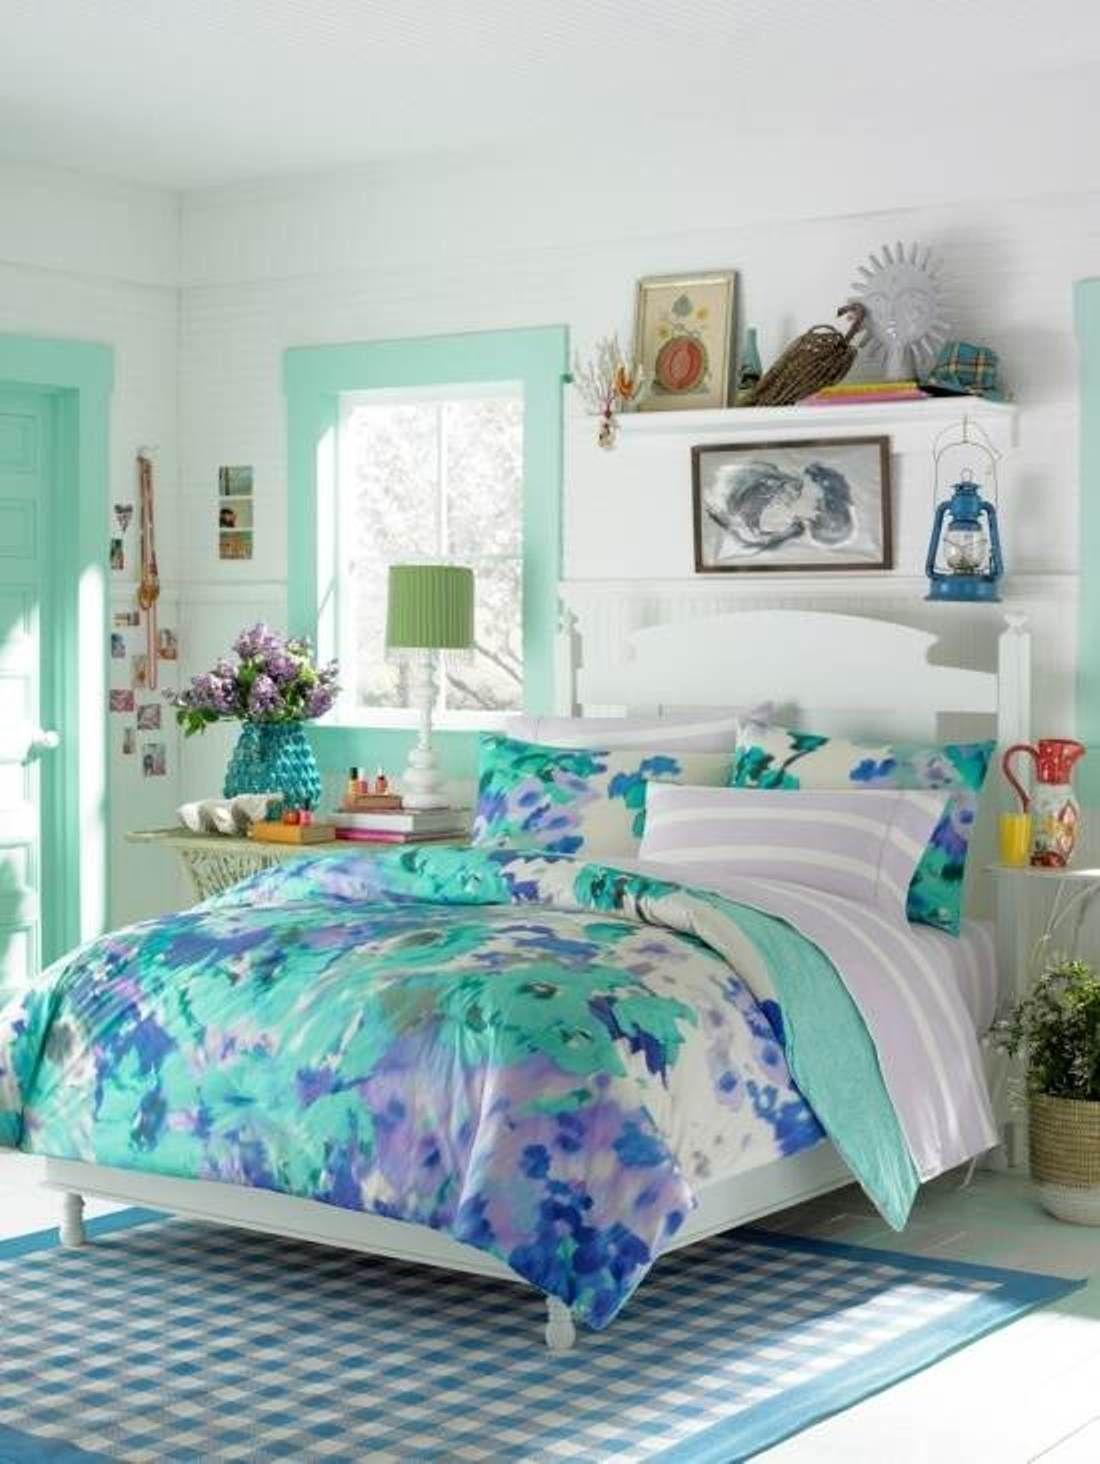 Impressive bedroomdesign ideas to boys 42